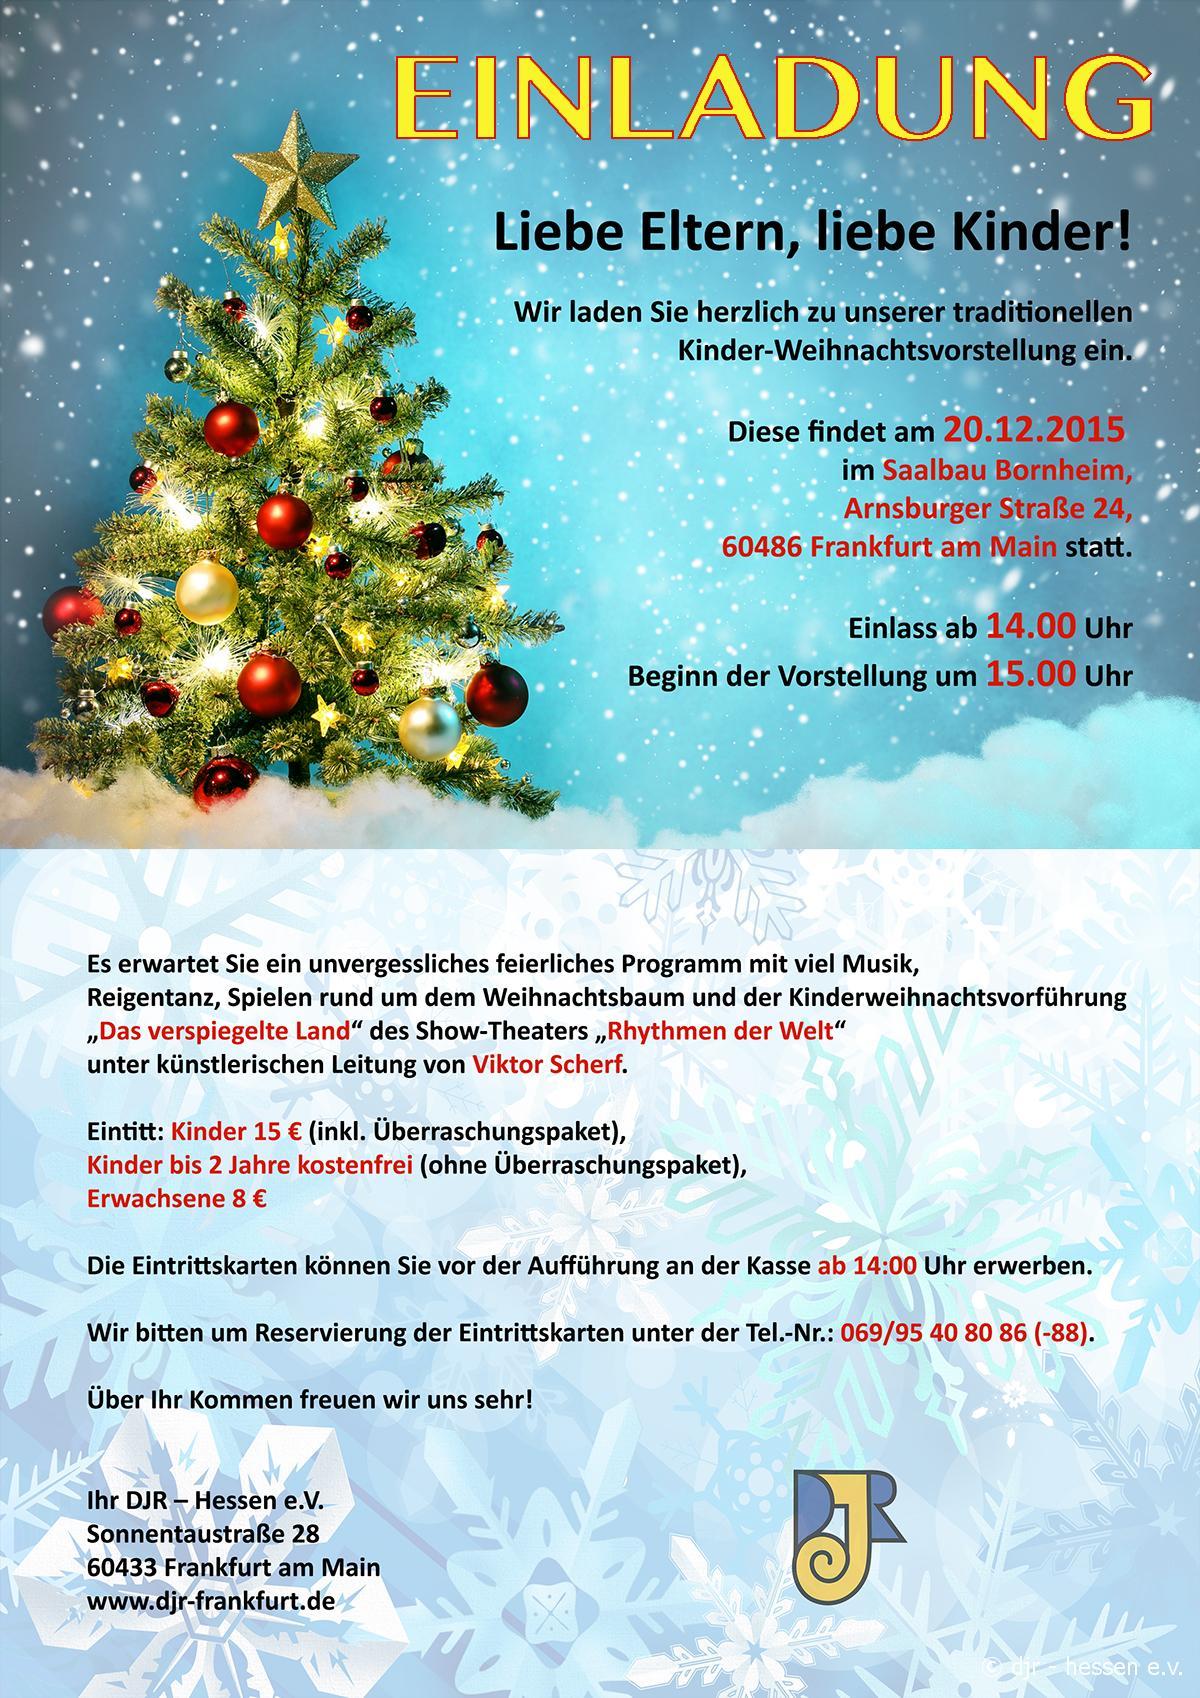 weihnachtsfeier | djr kreisgruppe frankfurt am main, Einladung